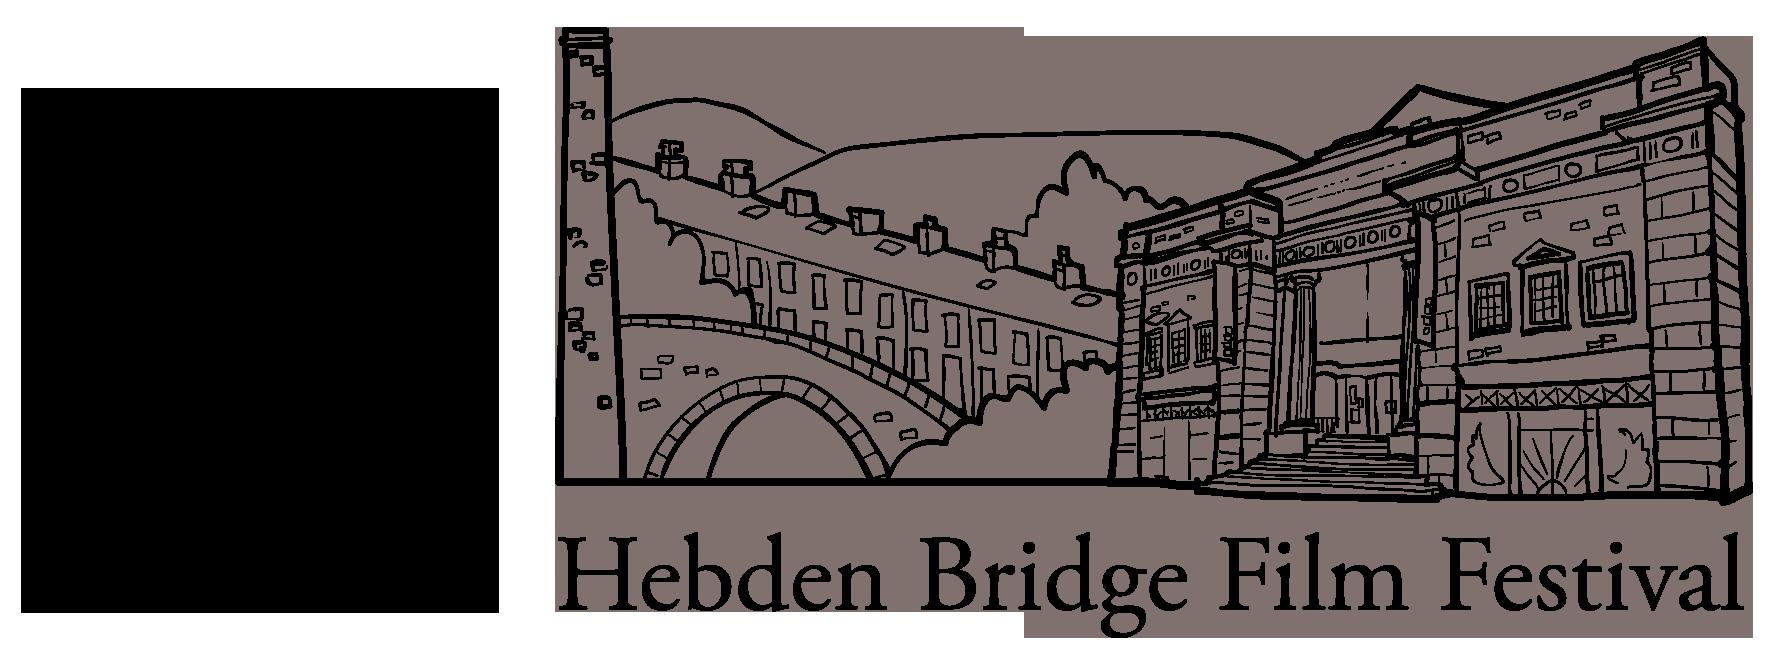 Hebden Bridge Film Festival March 2021